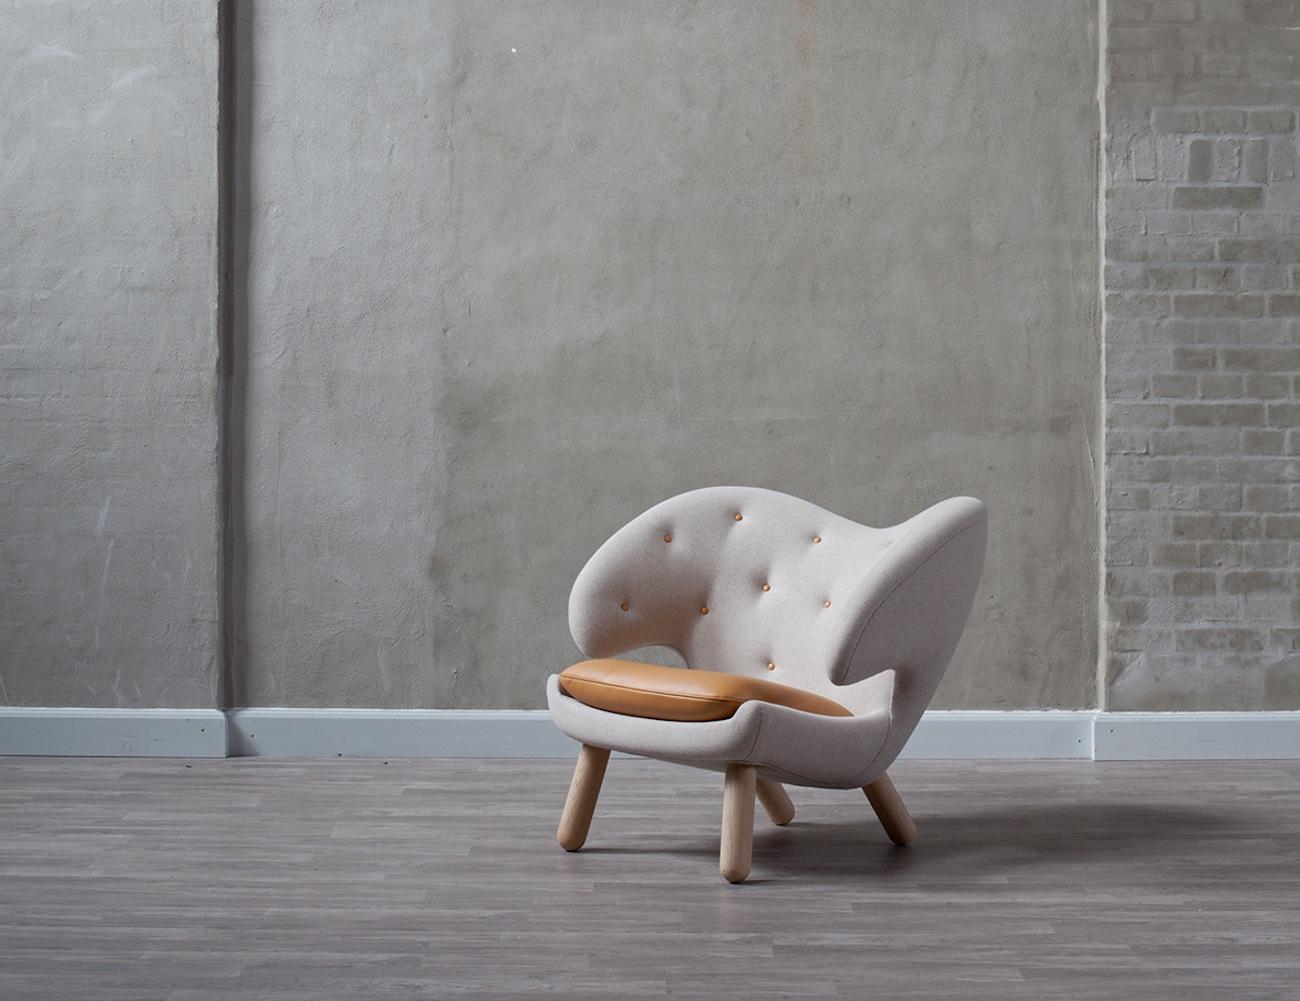 Finn Juhl Pelican Leather Chair & Finn Juhl Pelican Leather Chair » Gadget Flow